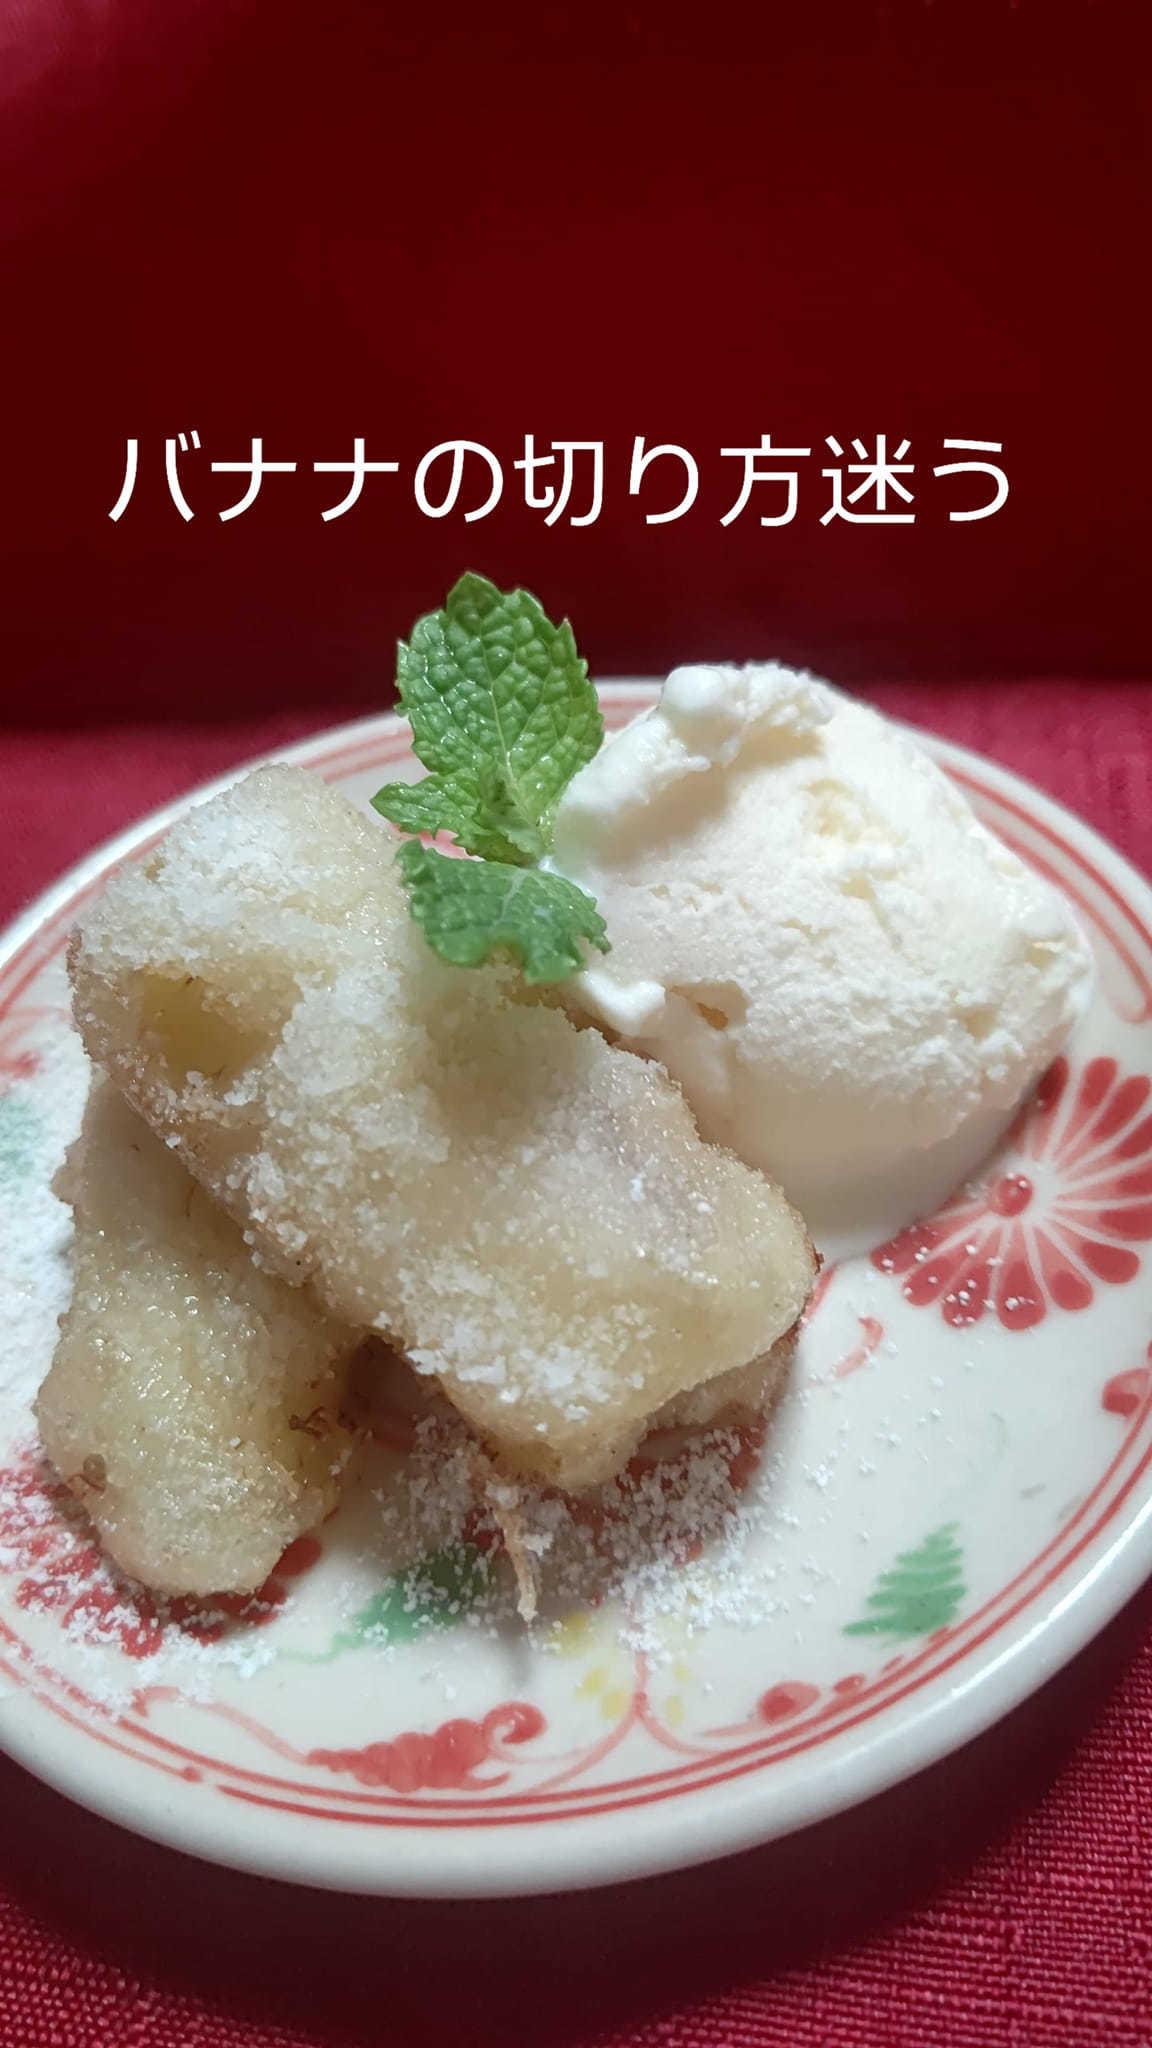 9月のガートゥハイ料理教室_e0161704_22202618.jpg